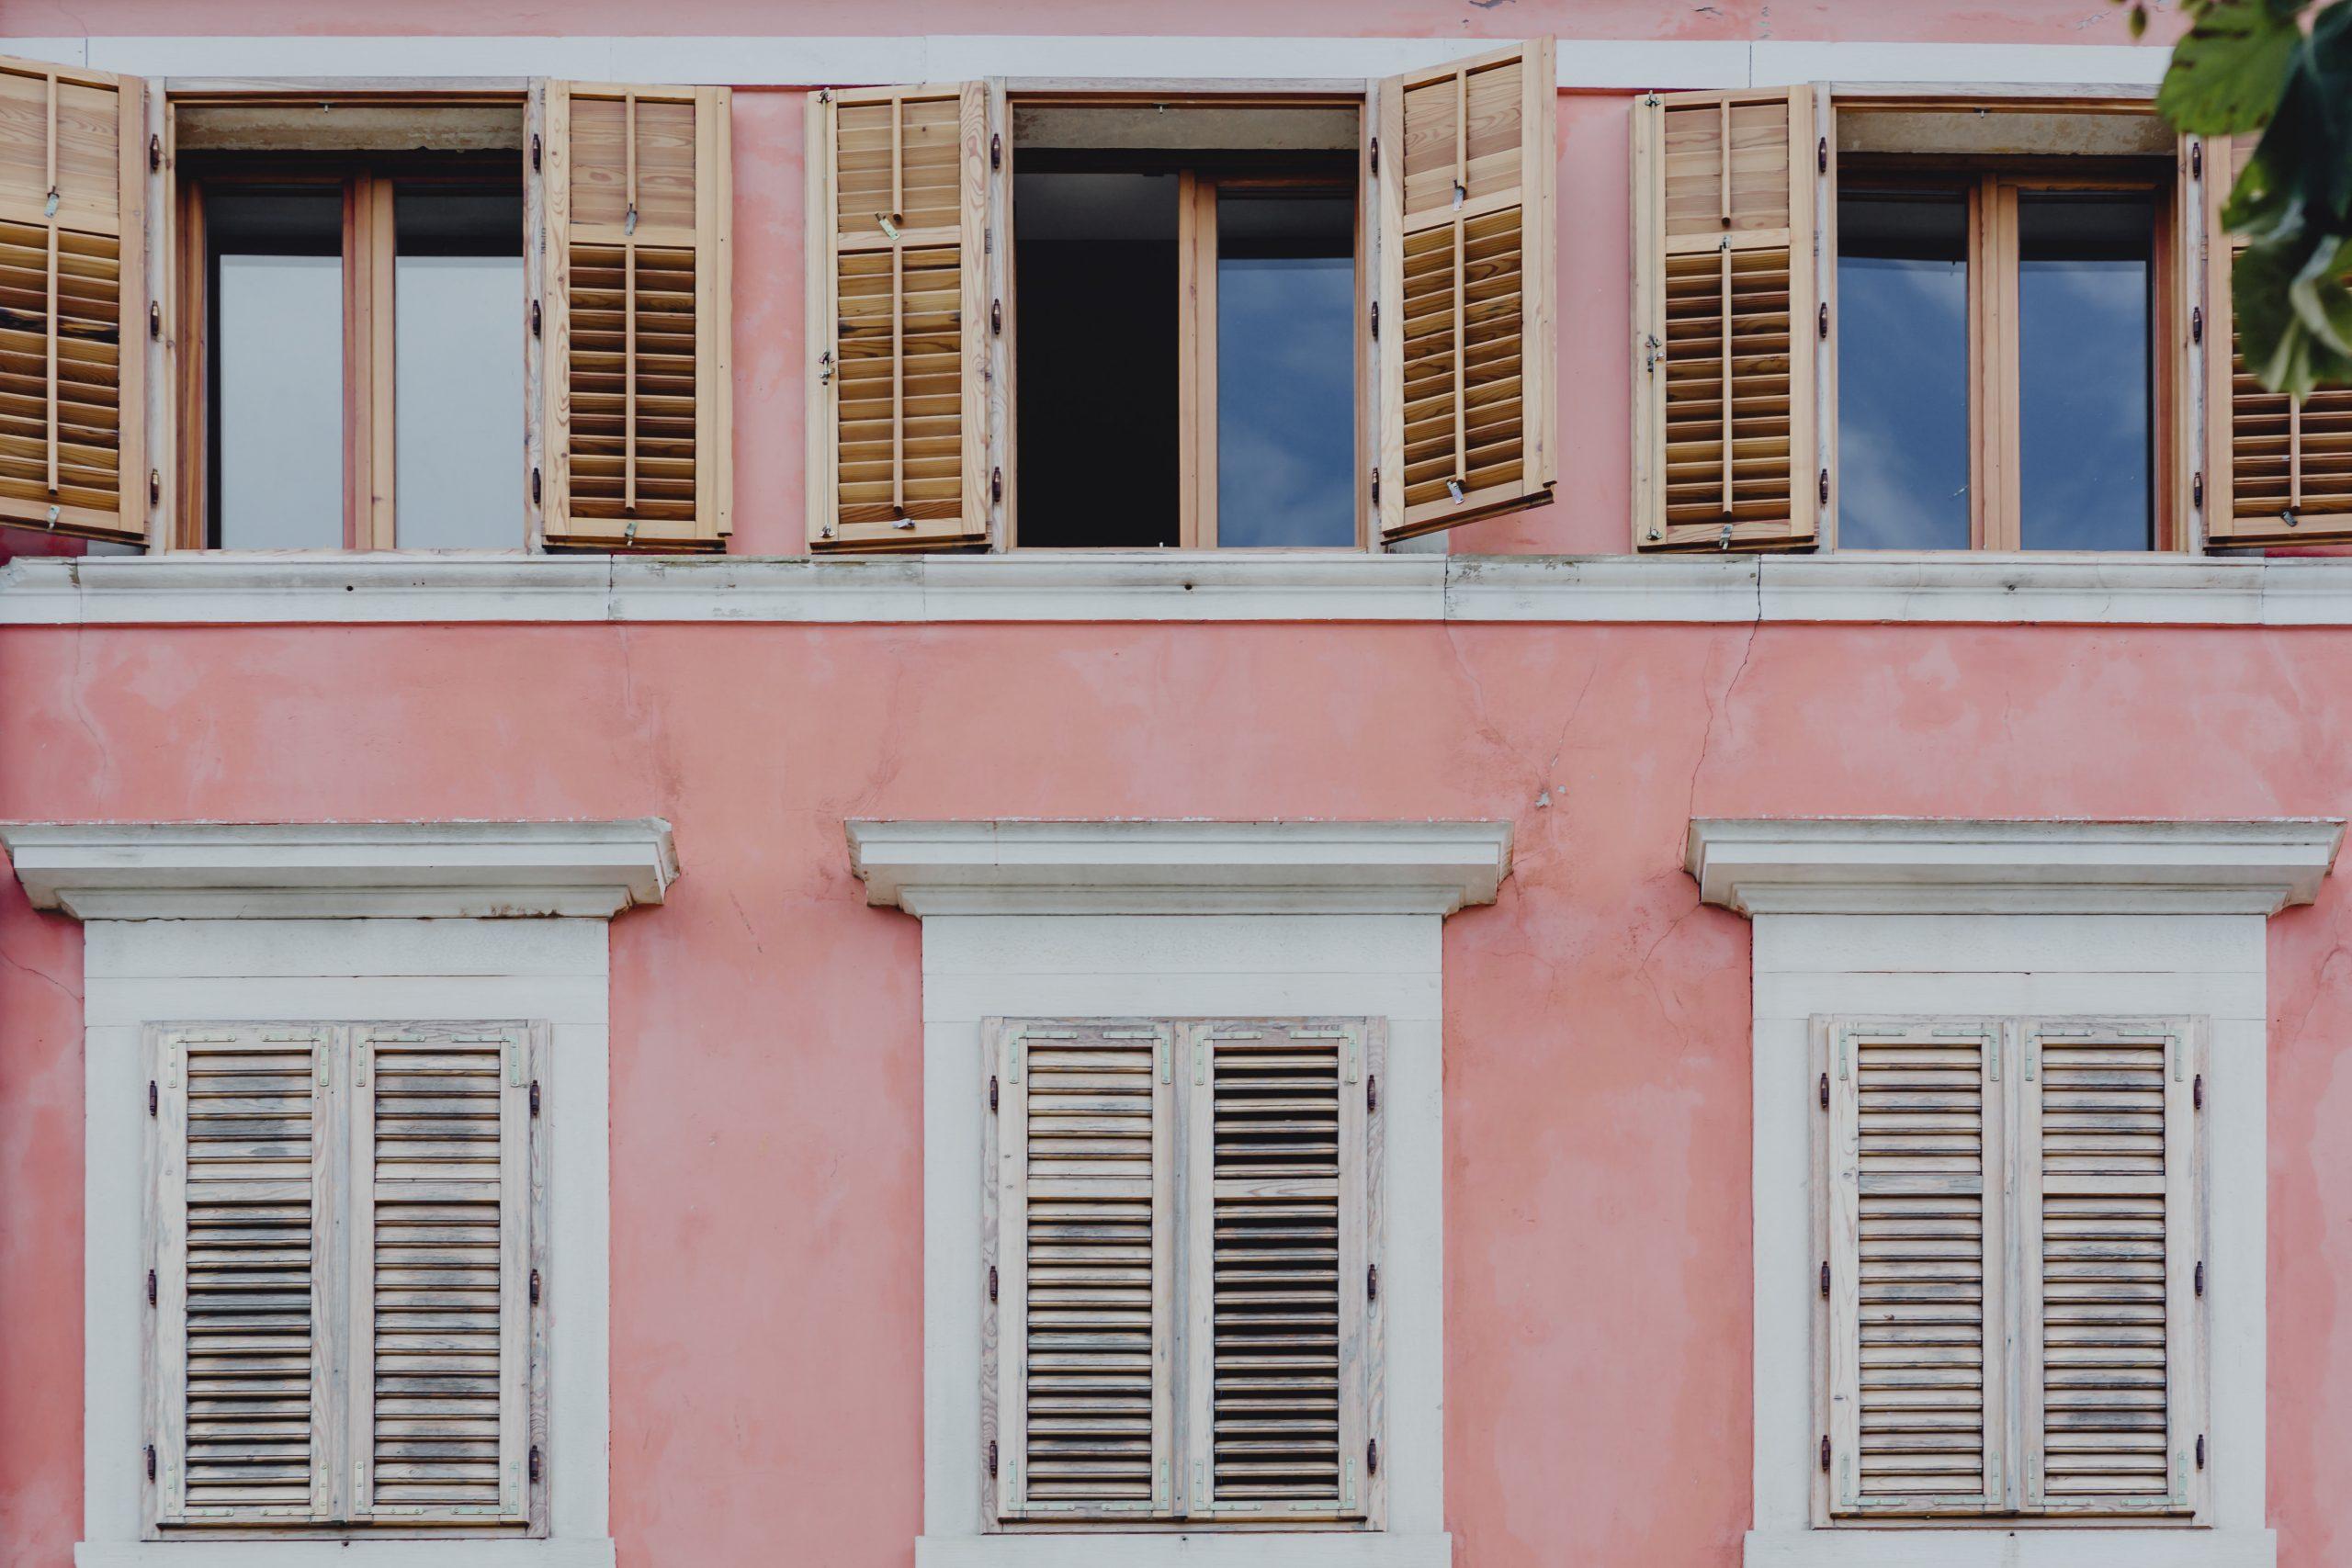 finestre classiche in legno in condominio rosa